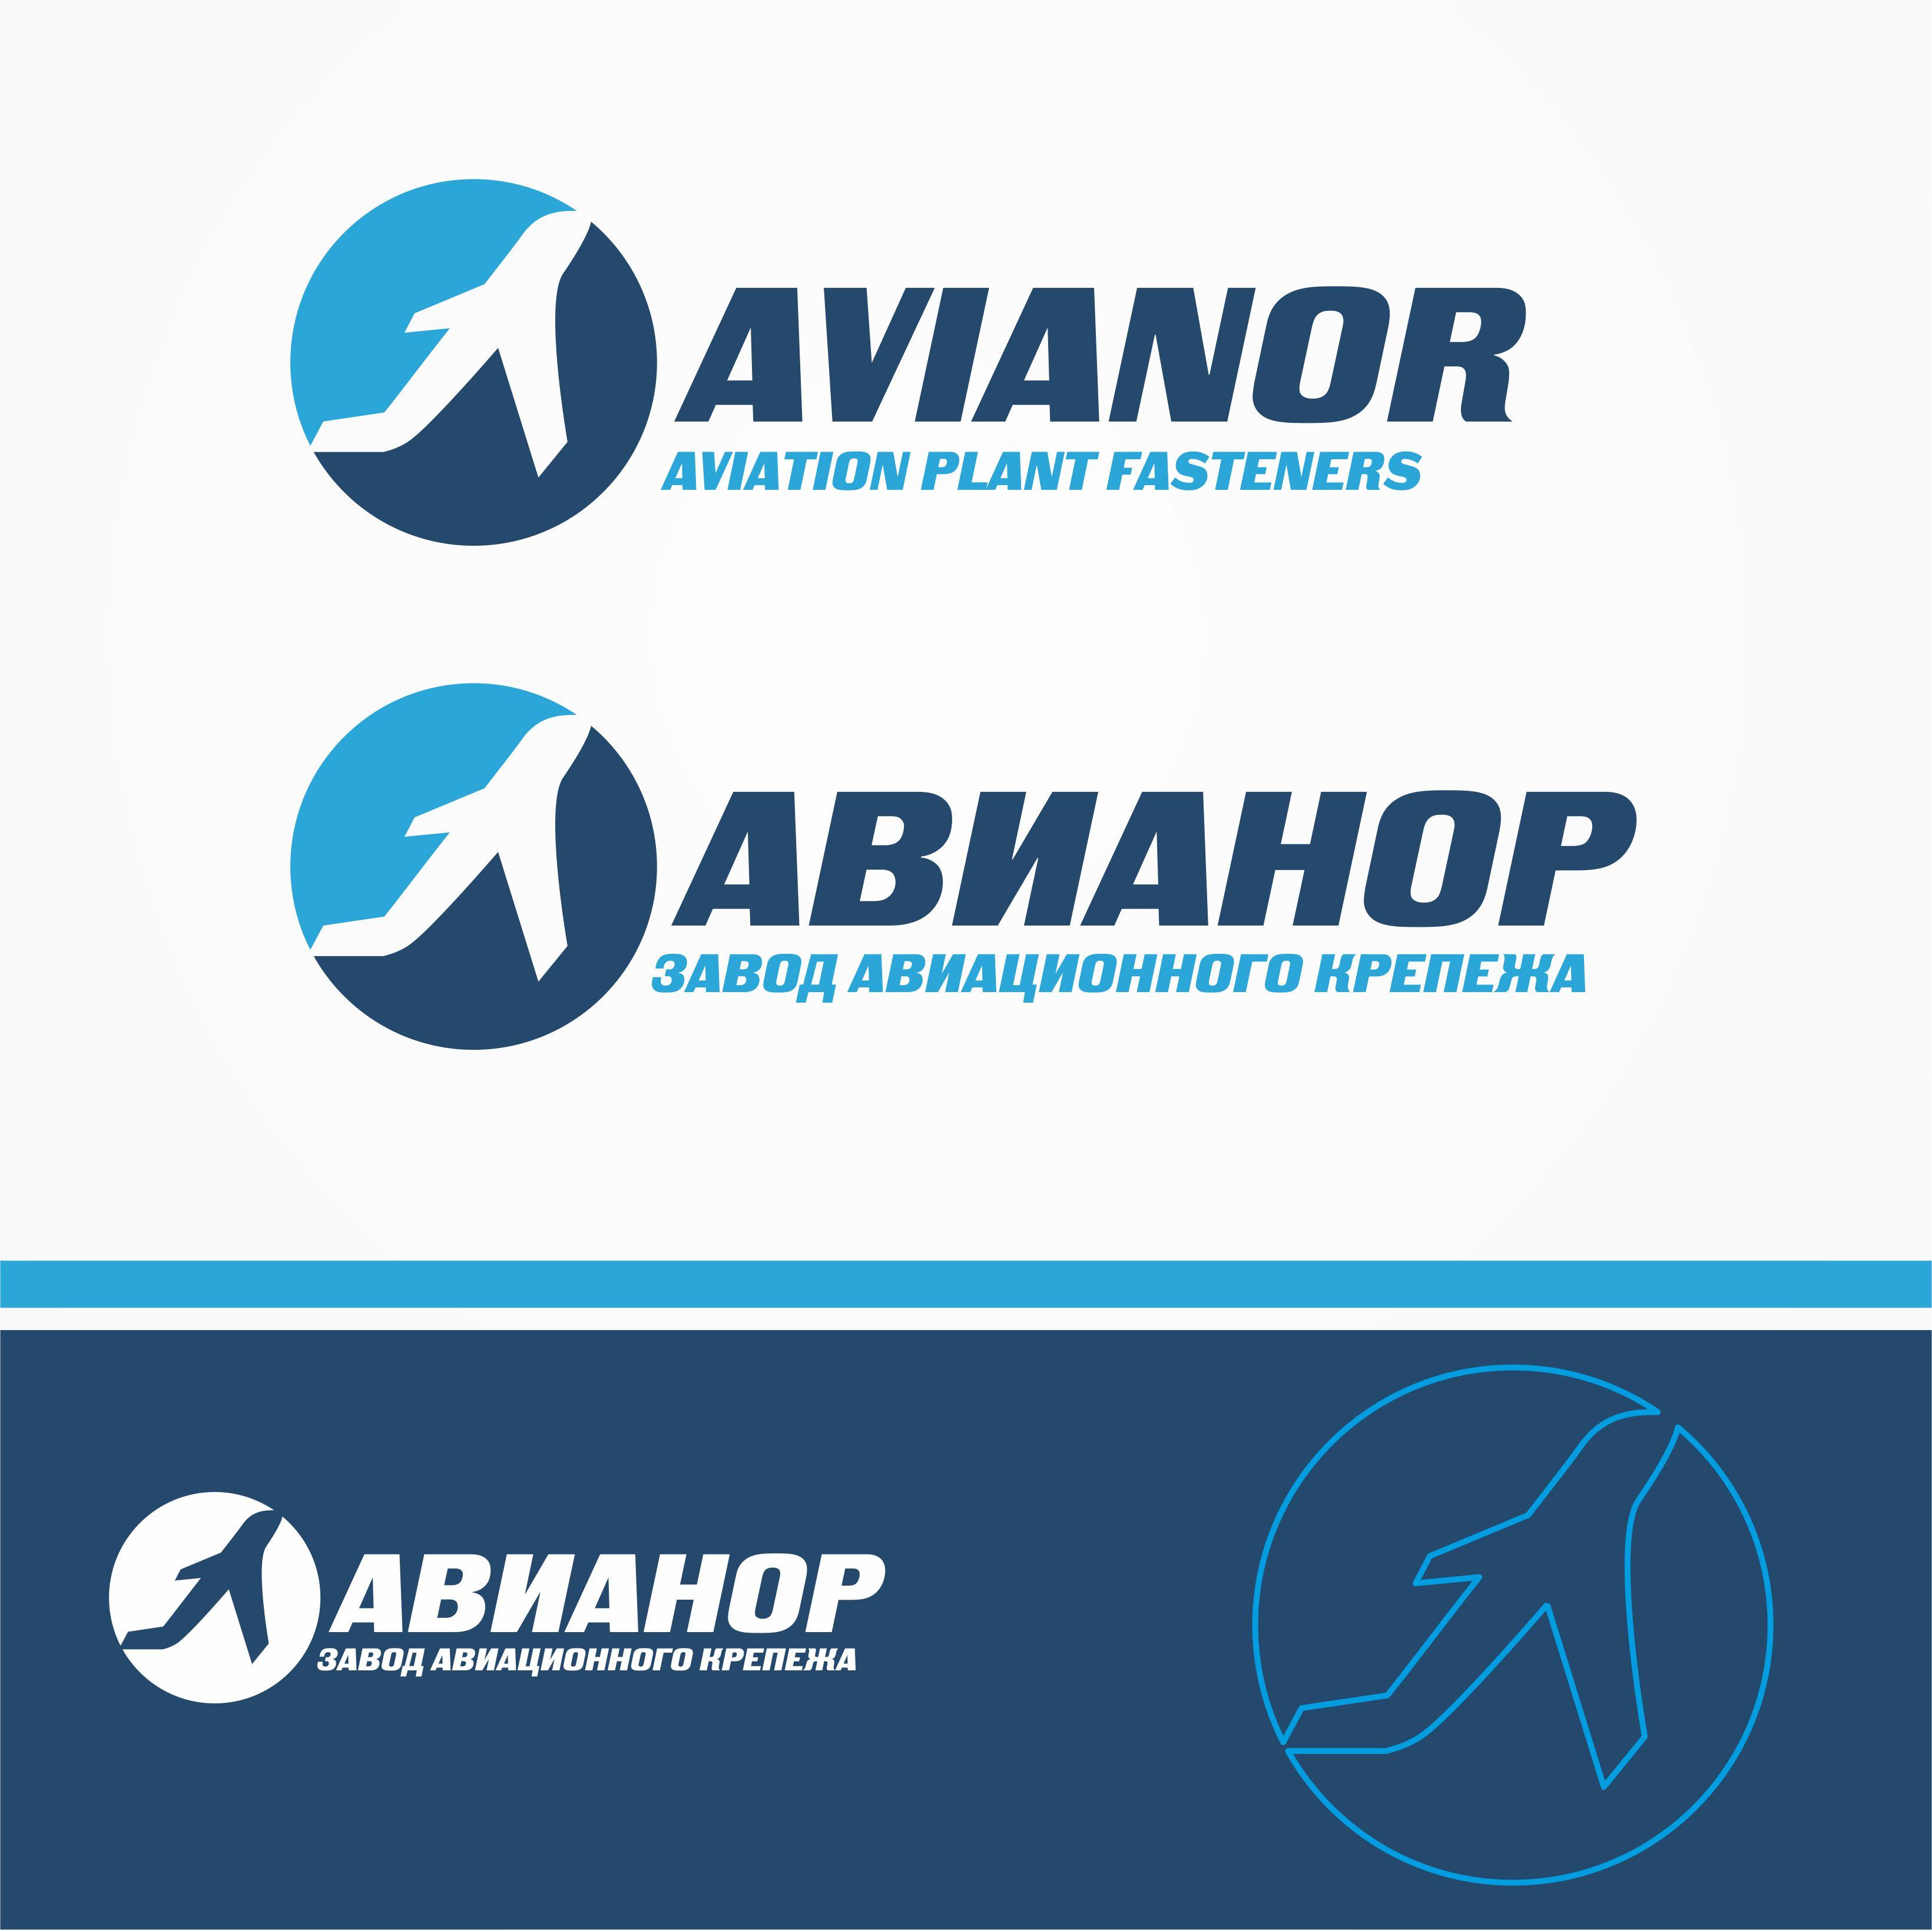 Нужен логотип и фирменный стиль для завода фото f_26552932c65729f9.jpg